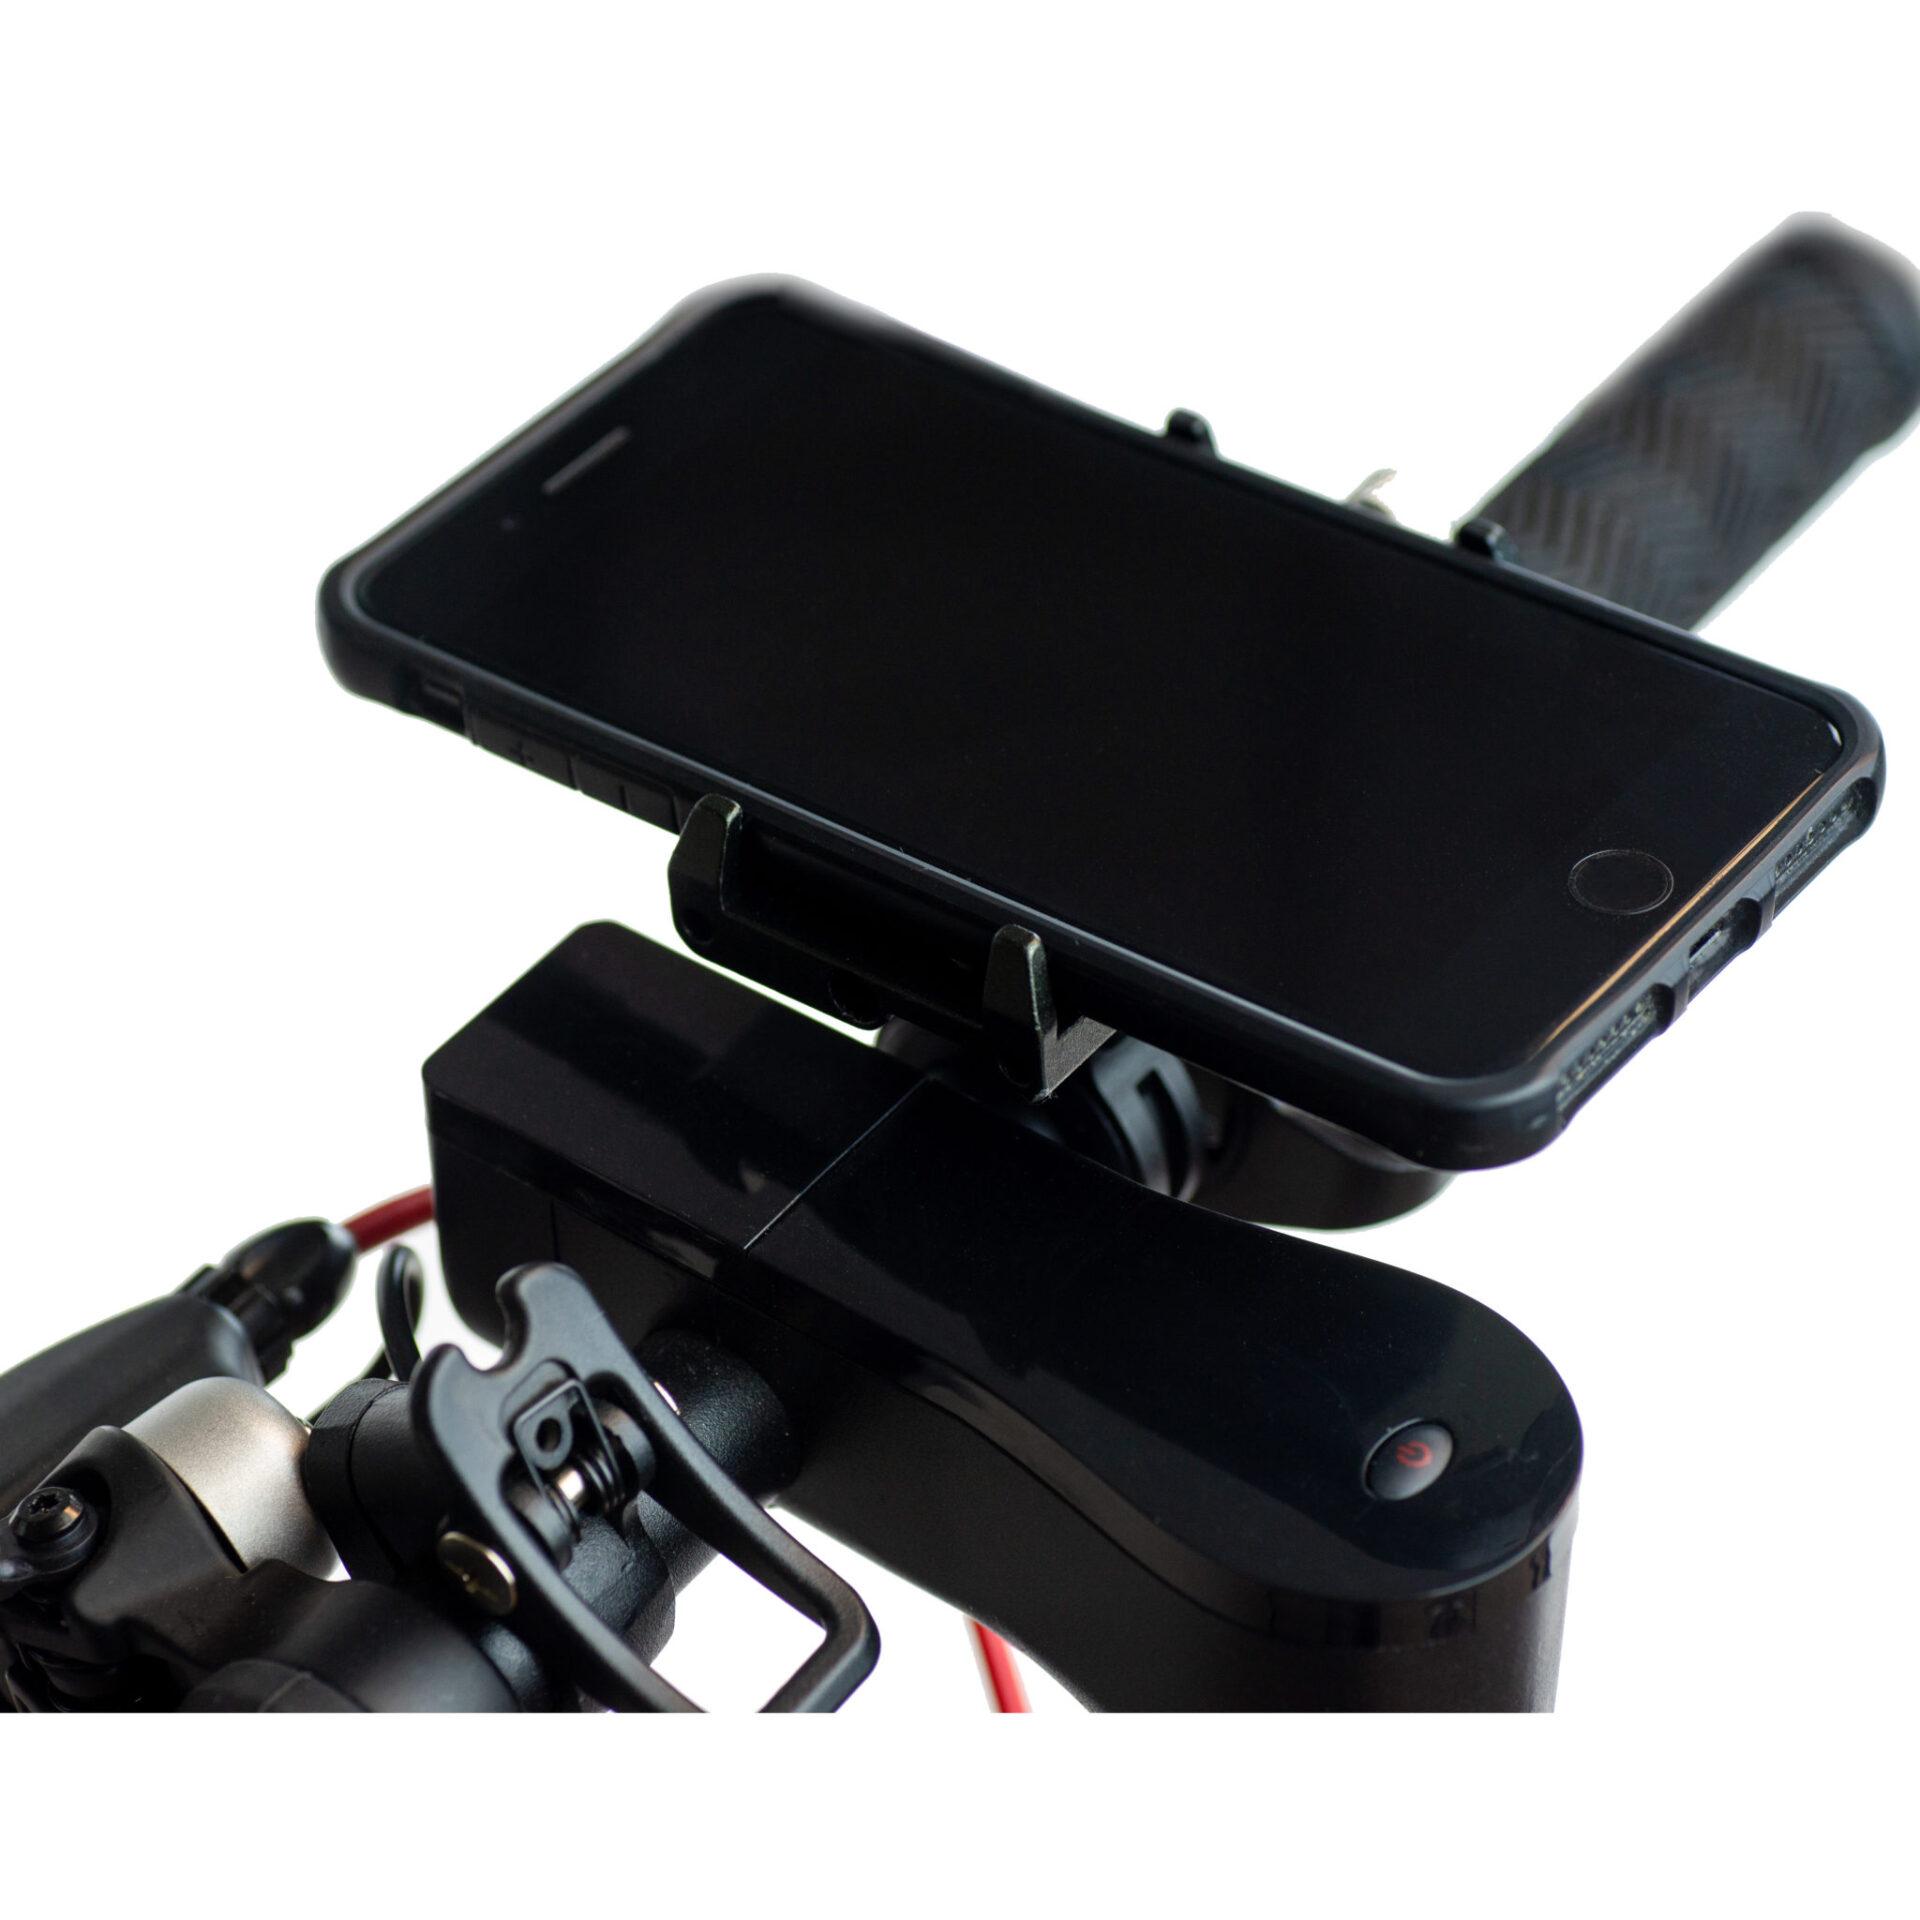 Swiss+Go Accesorio Movilidad Eléctrica ZM029 Soporte para teléfono Negro